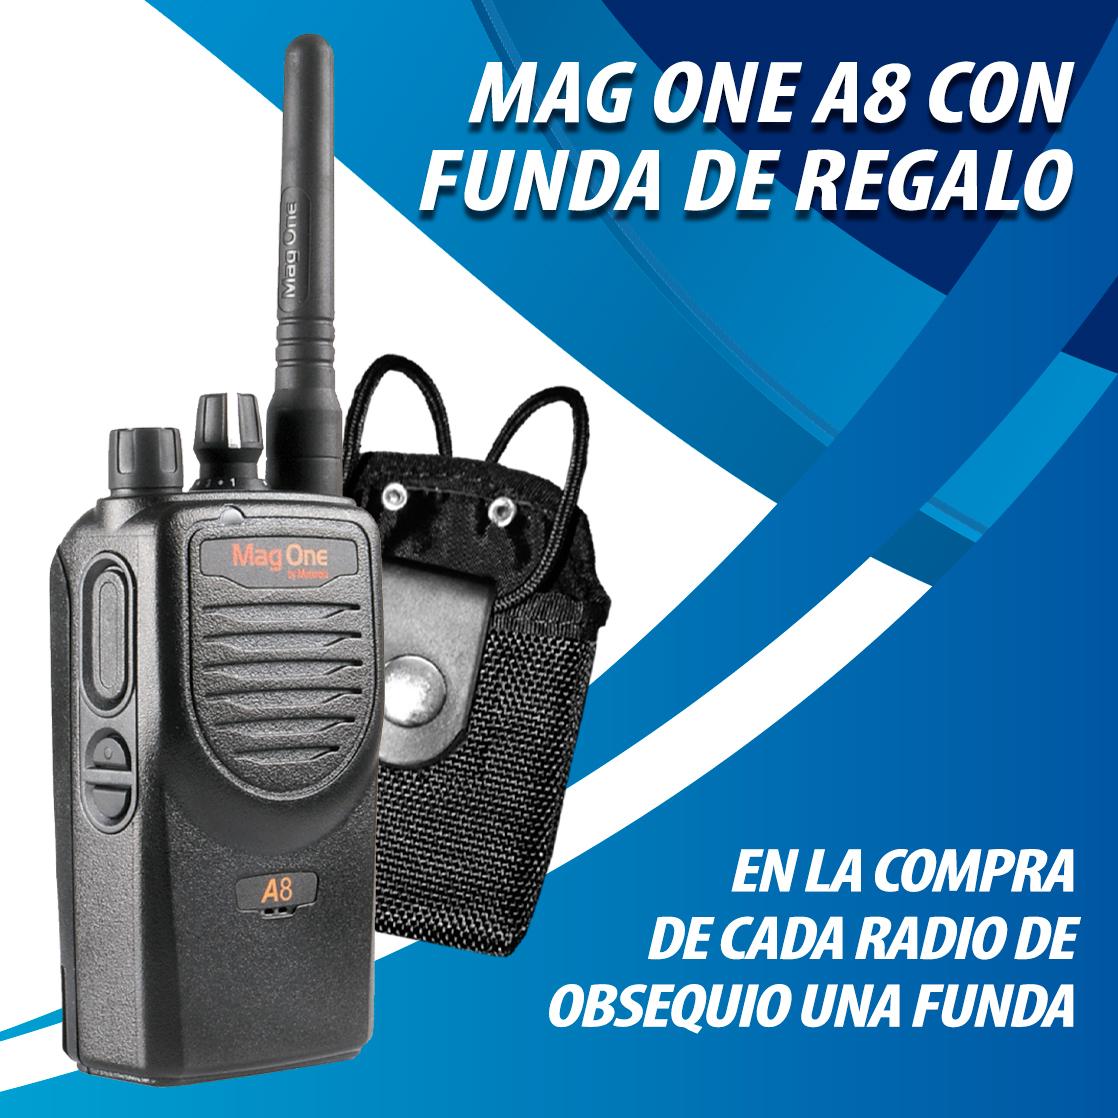 En la compra de cada radio mag one a8 de regalo una funda